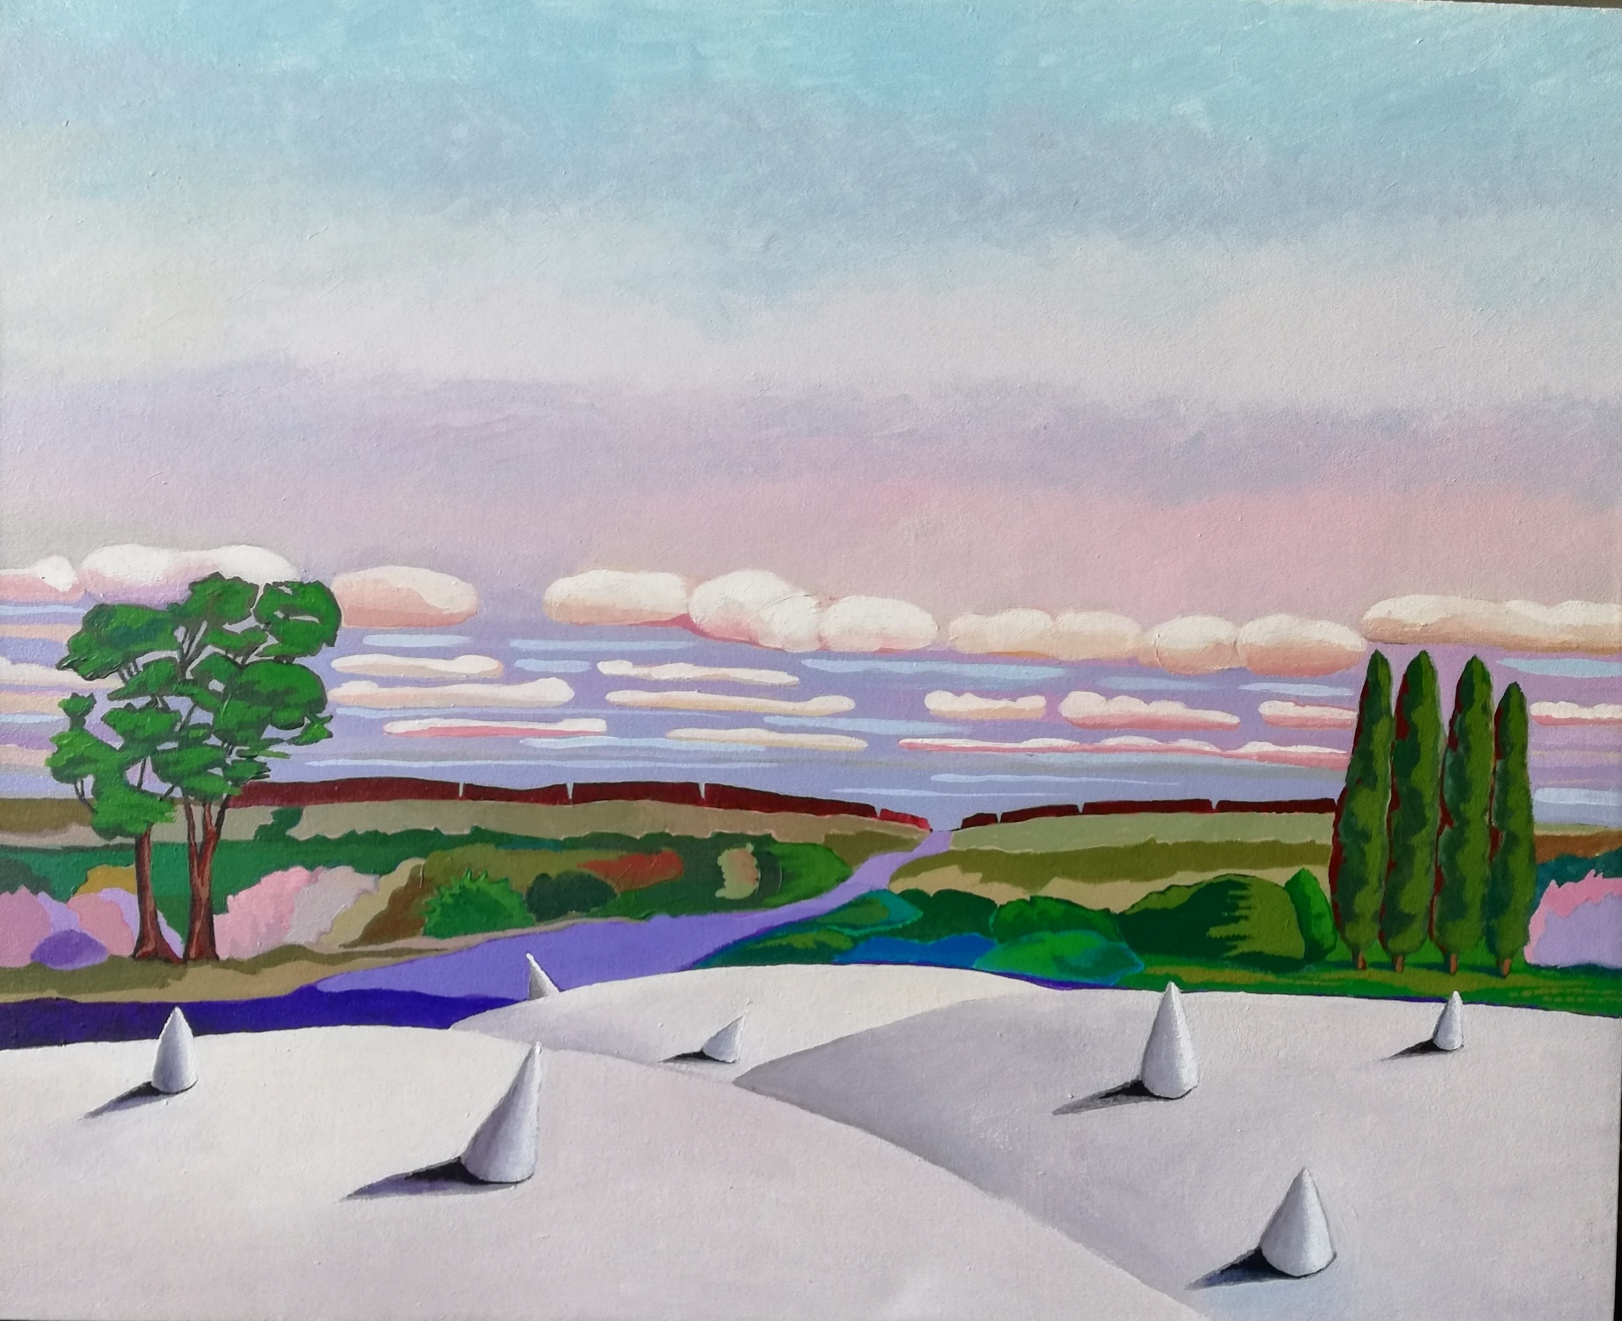 il dipinto di Yvonne D'acosta a colori ritrae un paesaggio con cipressi, un albero e un fiume; le nuvole sono rosa e una parte del terreno, oltre a essere verde, è bianca